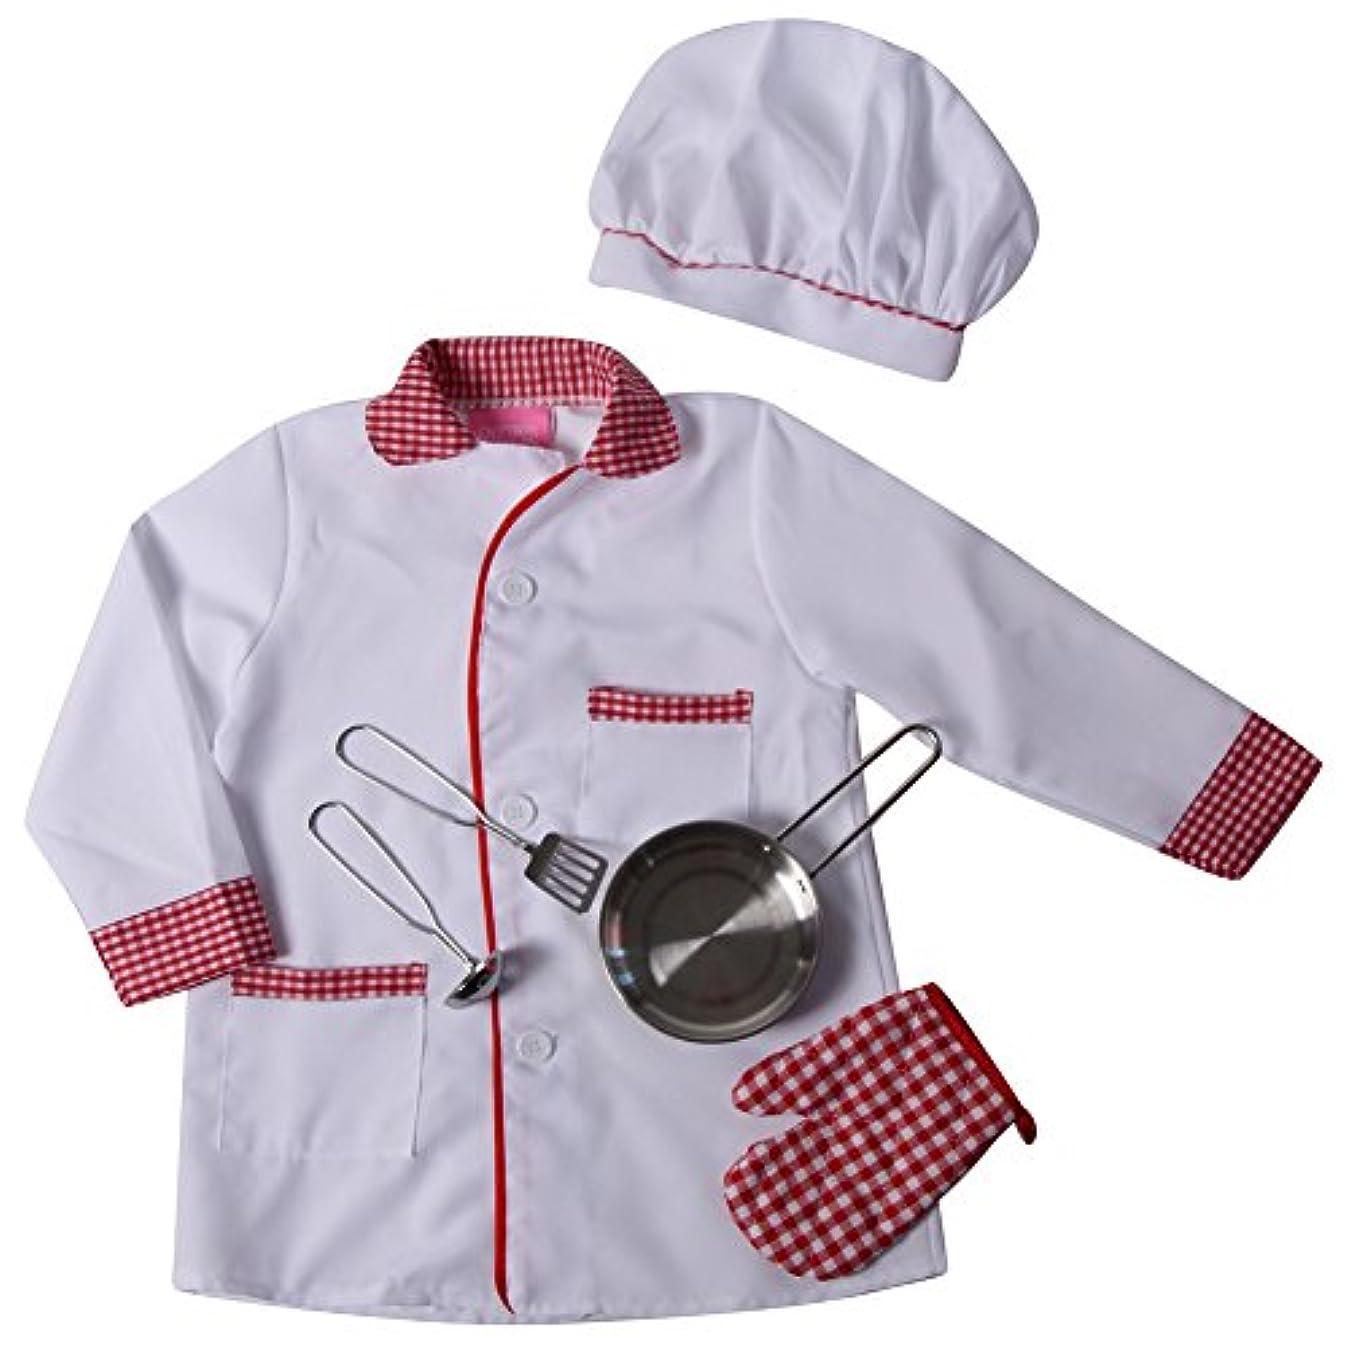 一貫性のない夜近くMaking Believe Kids Chef Pretend Playセット – ジャケット、帽子&フライパンセット(サイズ選択)